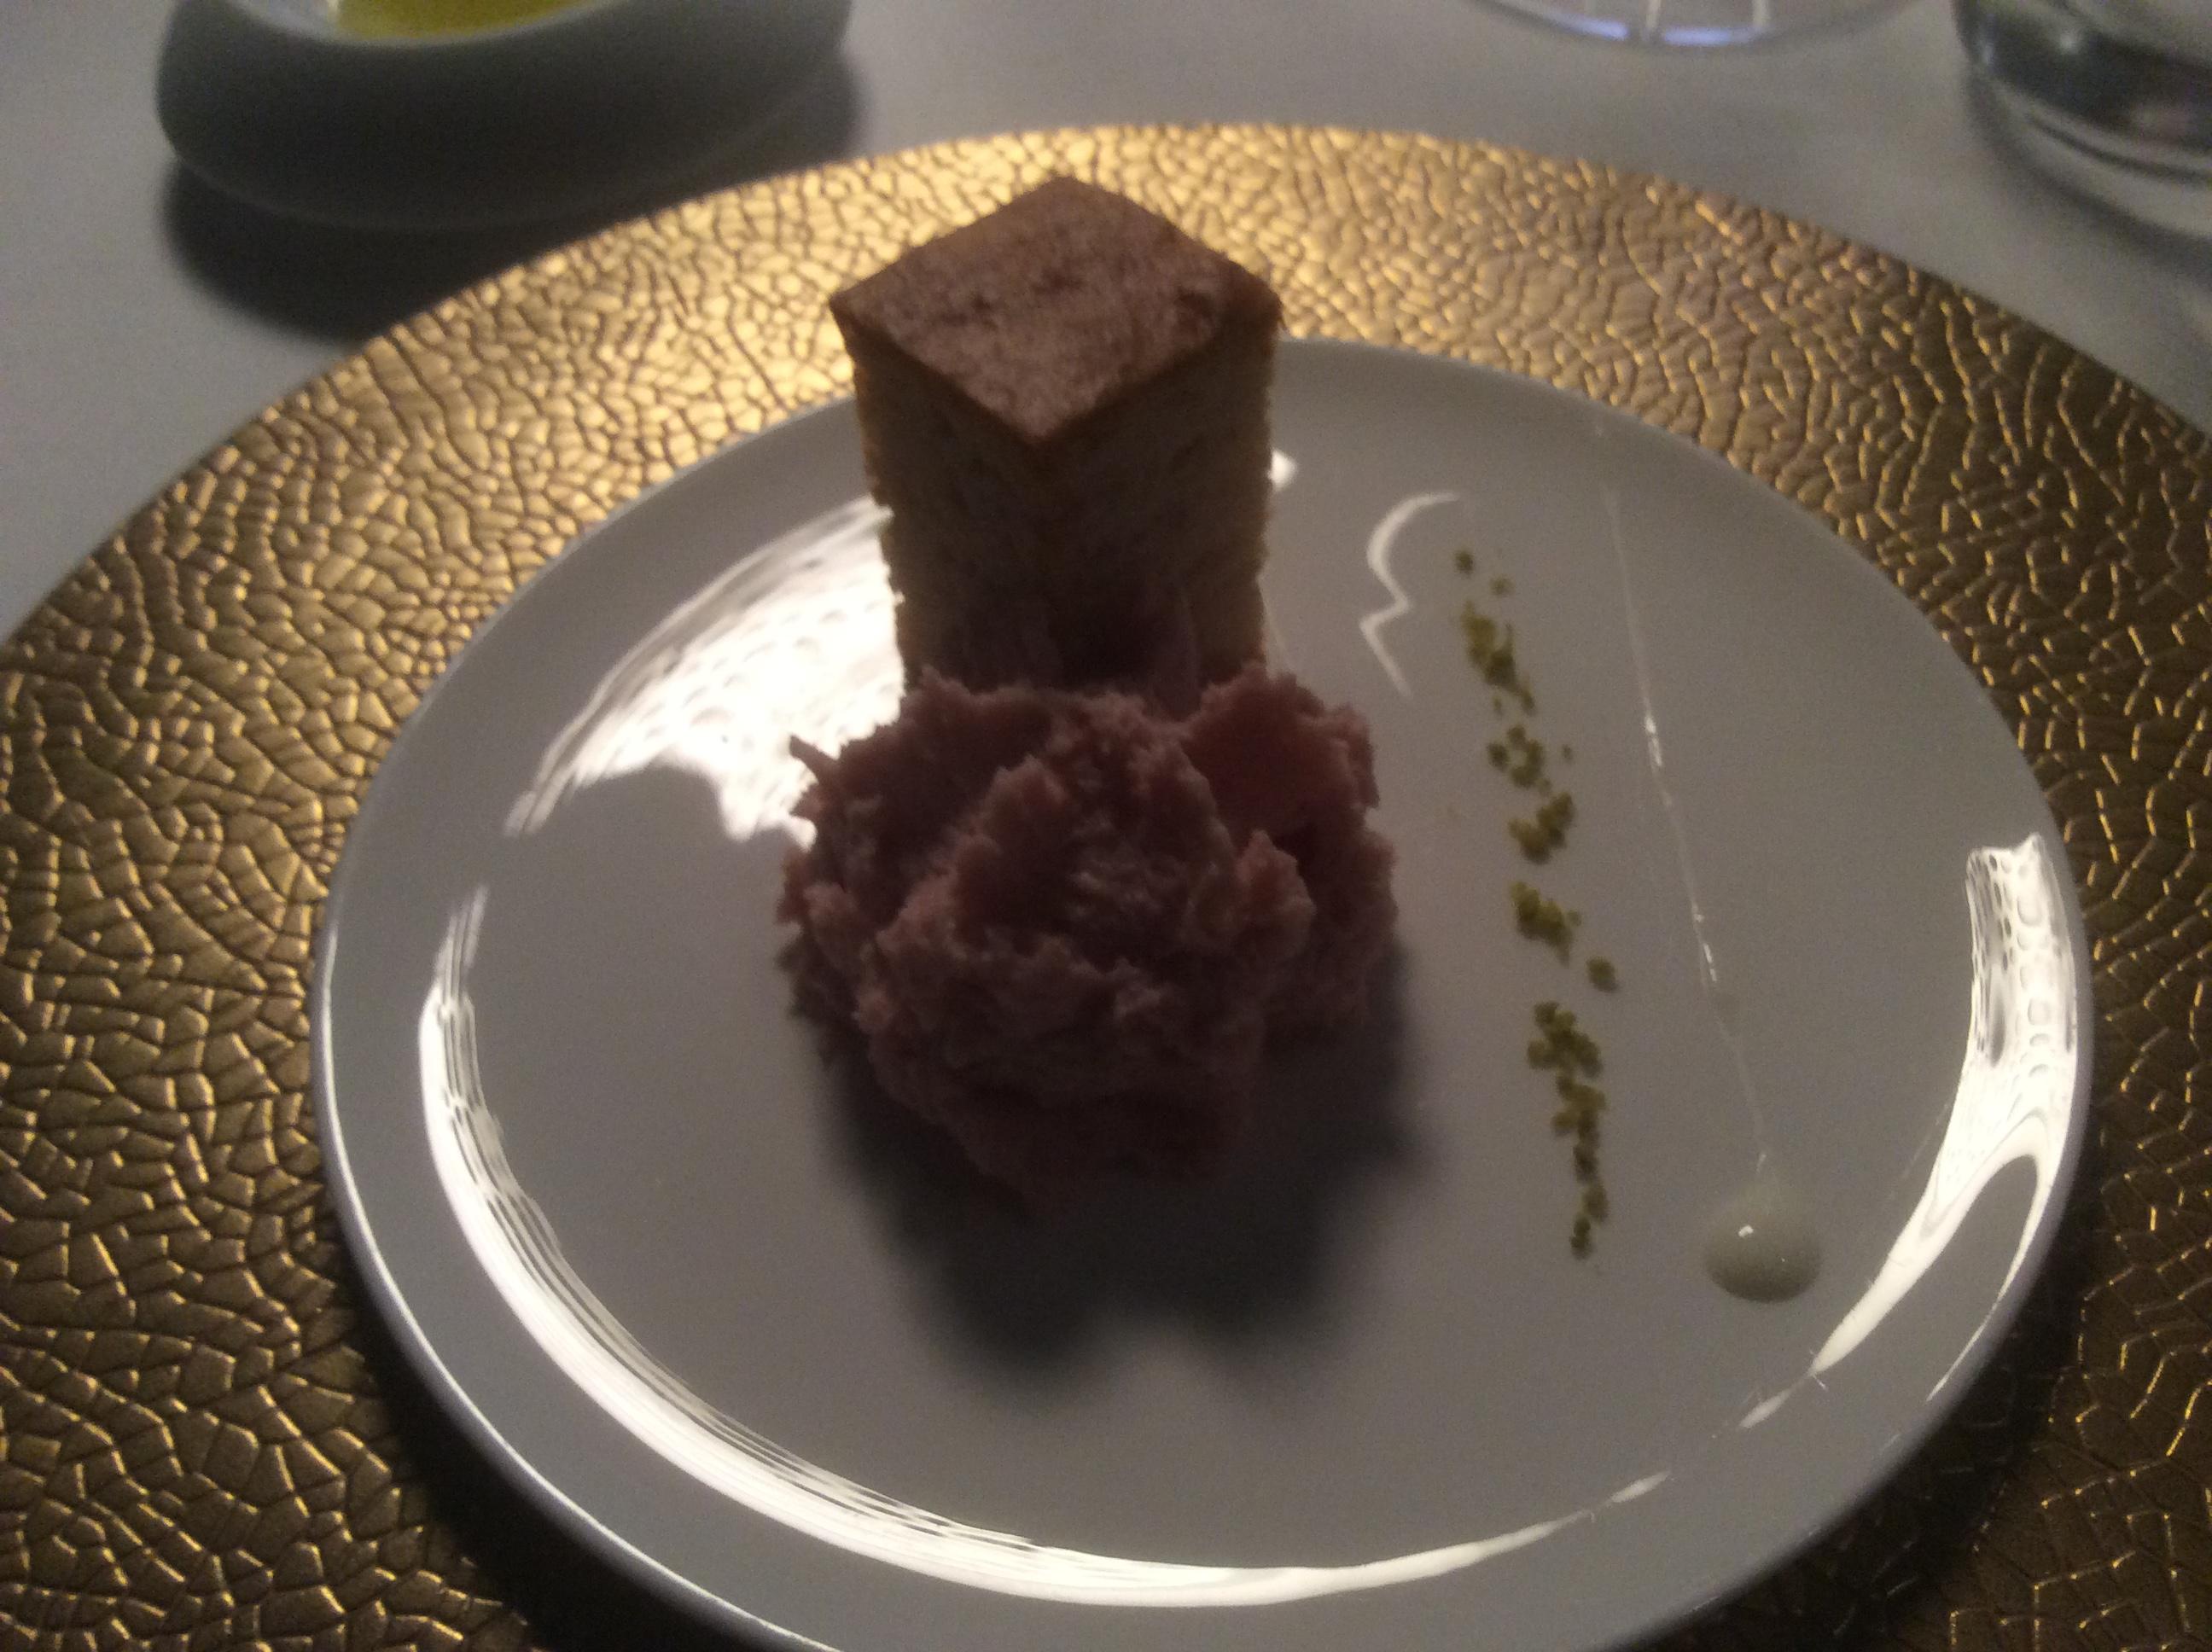 http://gourmet-italian.com/463.JPG